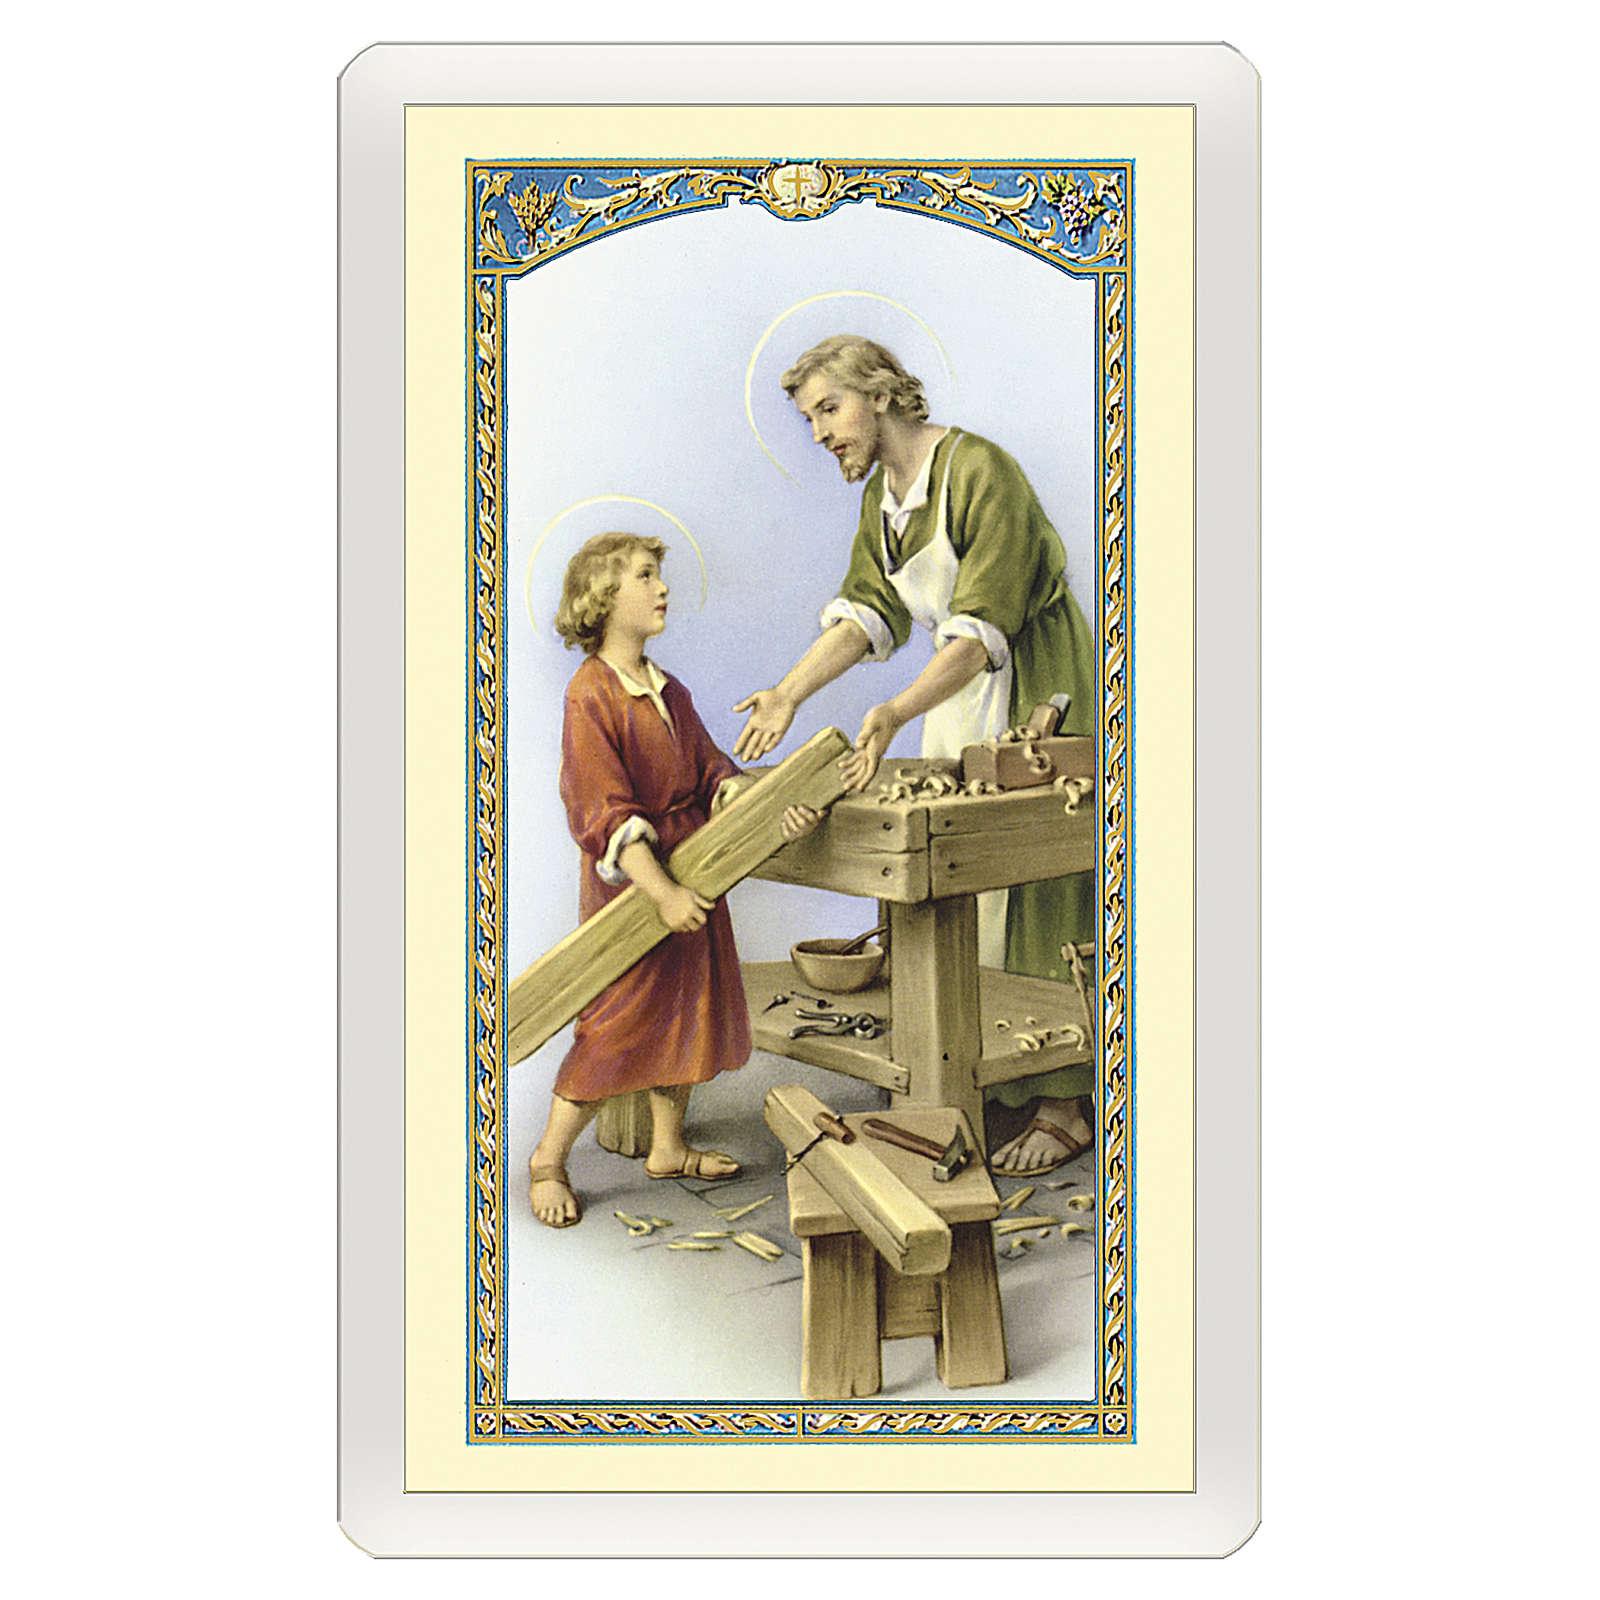 Image dévotion St Joseph au travail Supplication pour trouver un emploi ITA 10x5 cm 4